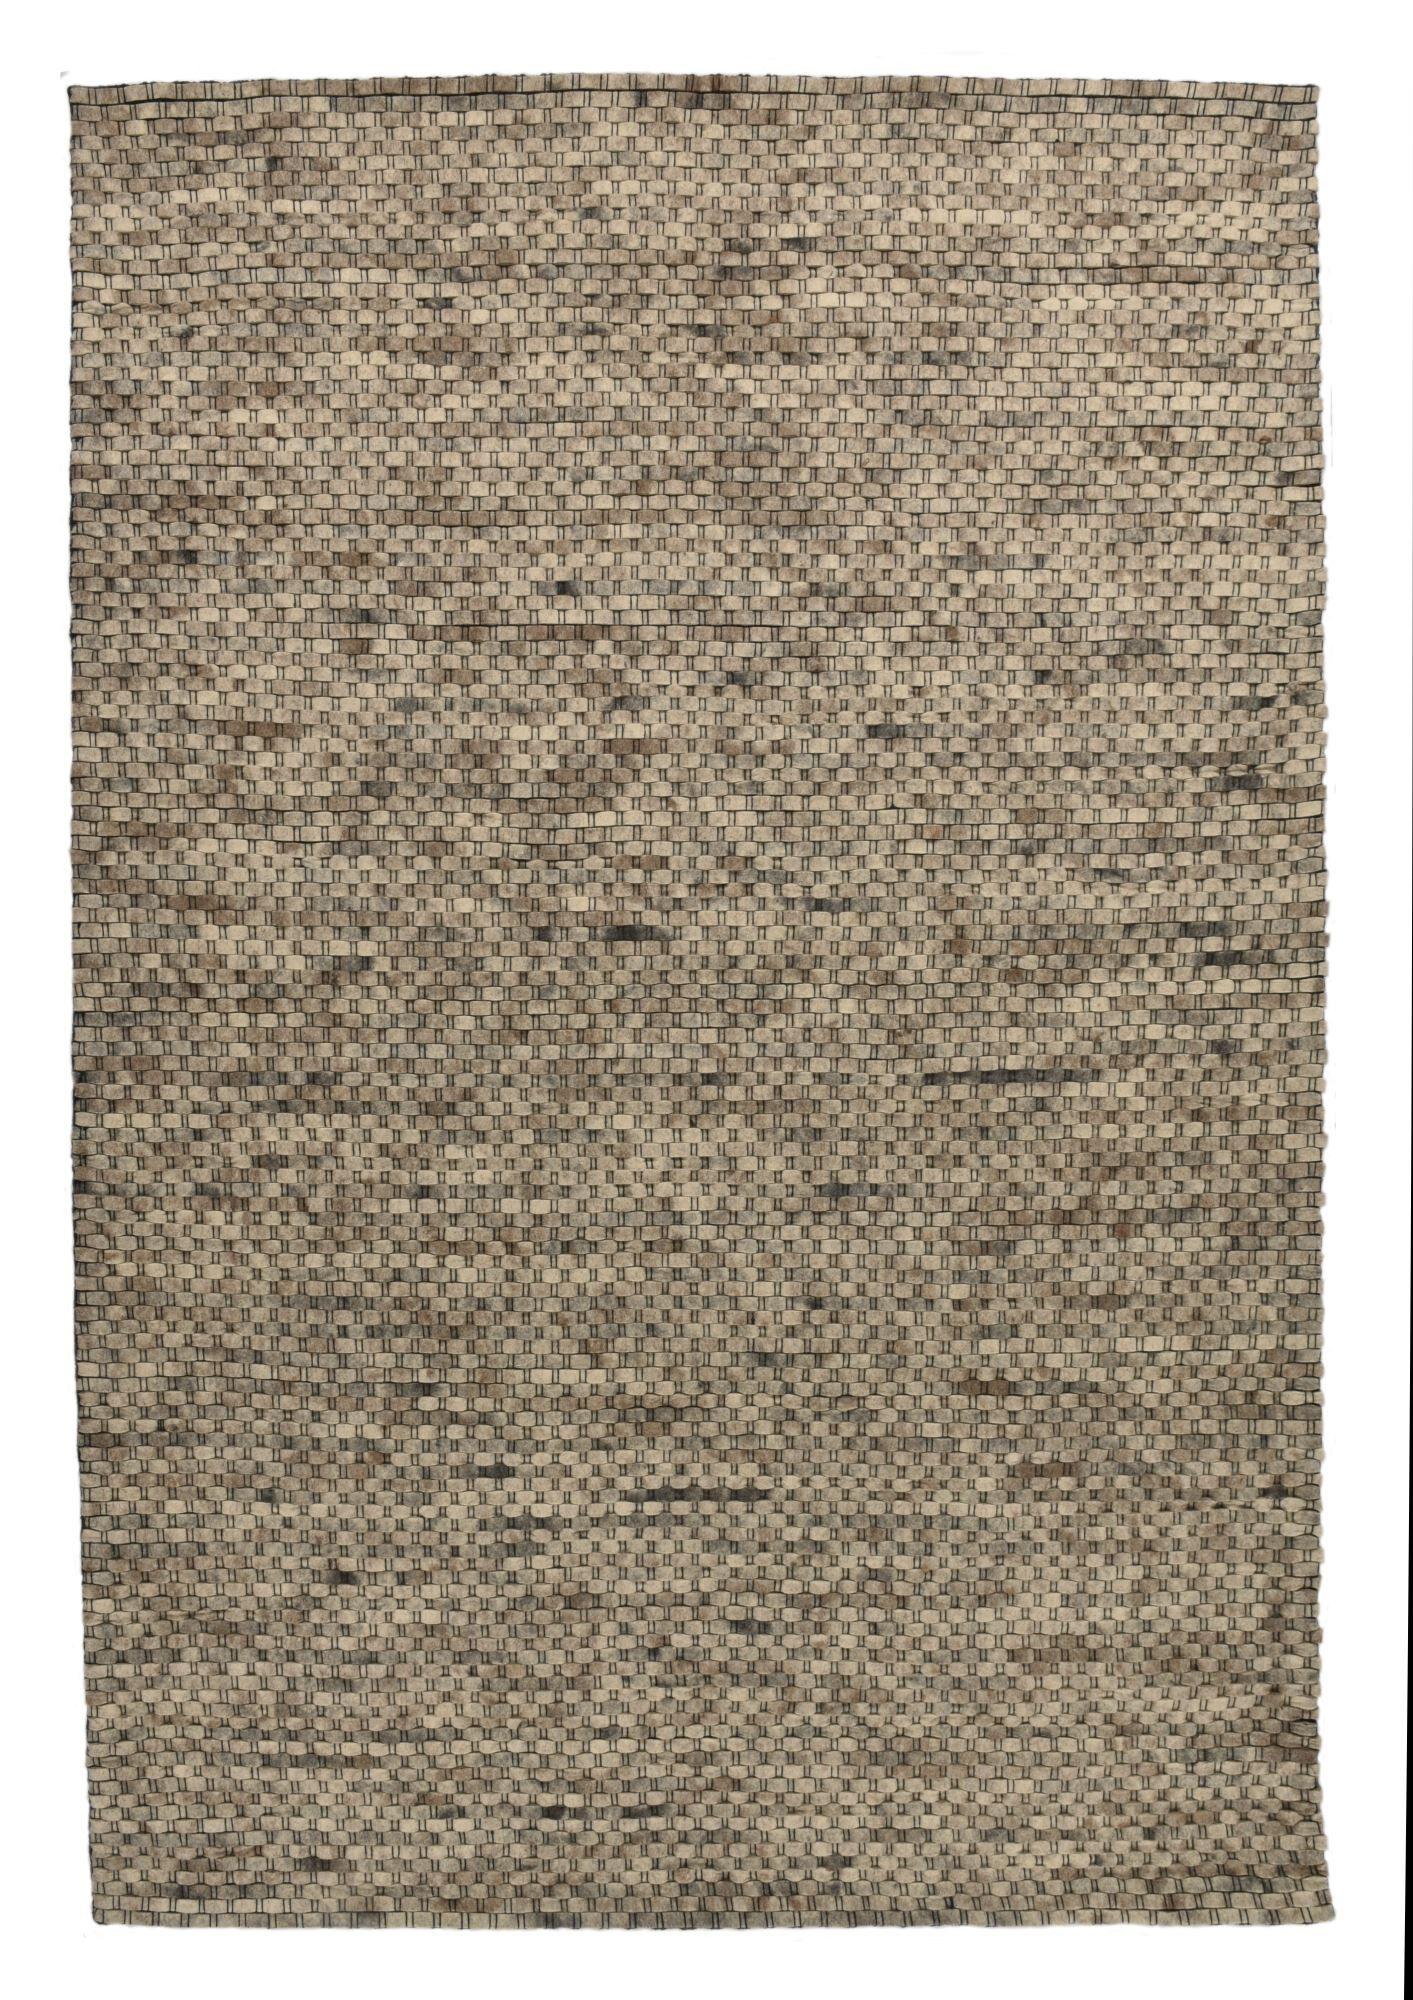 THEKO Tapis feutré en laine naturelle fait main nature 140x200